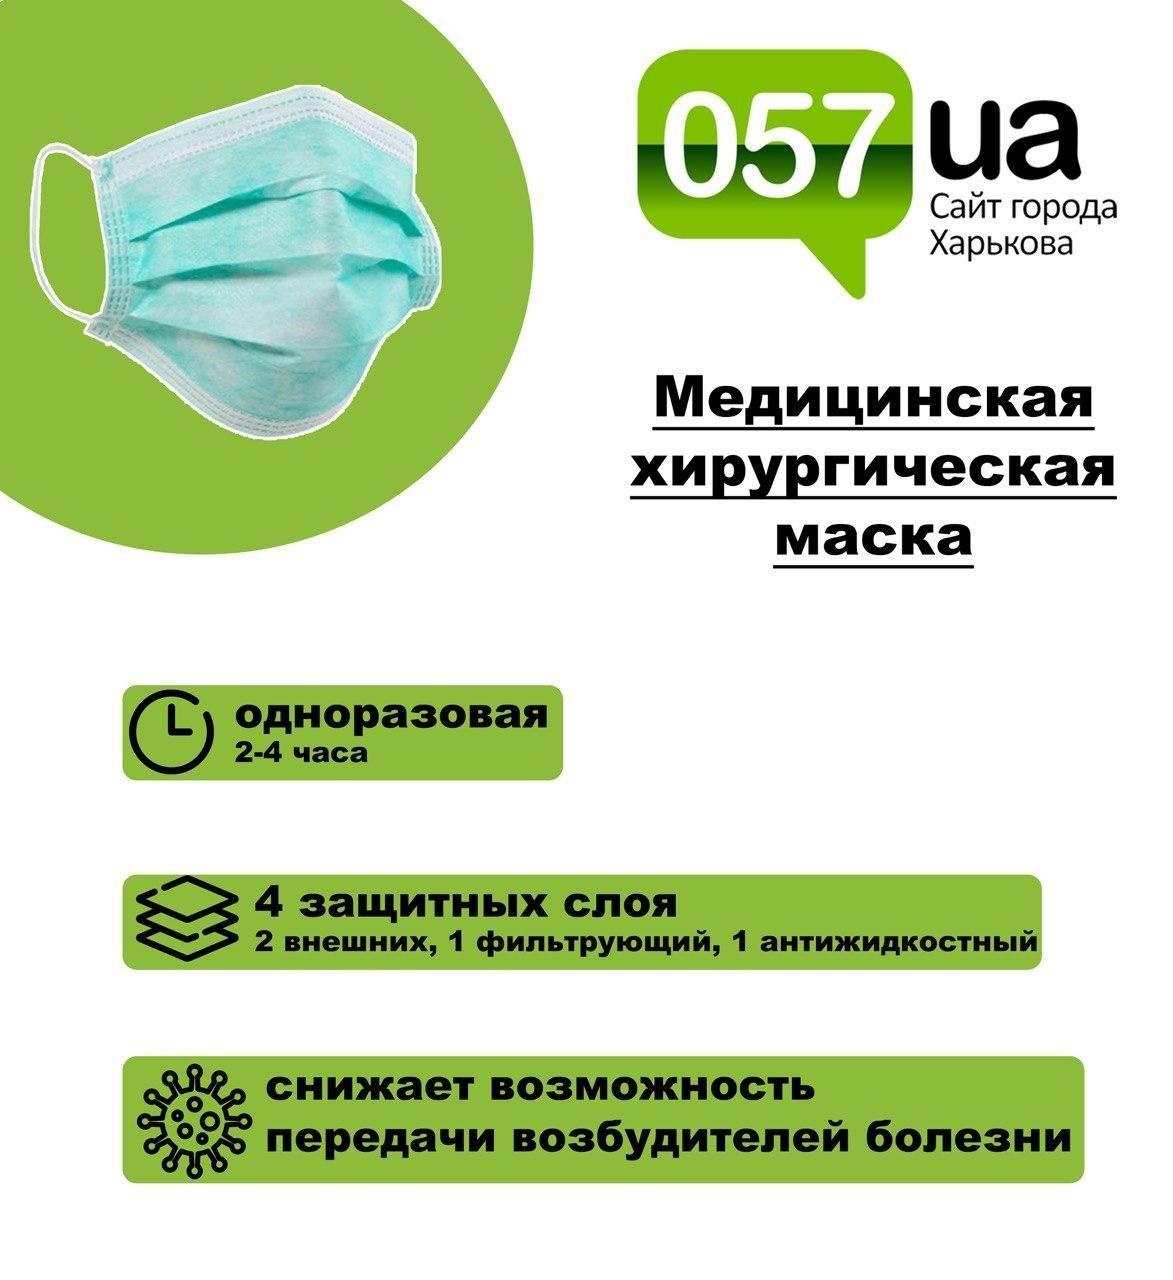 ТОП-5 видов защитных масок: насколько они помогают и чем отличаются, - ФОТО, фото-3